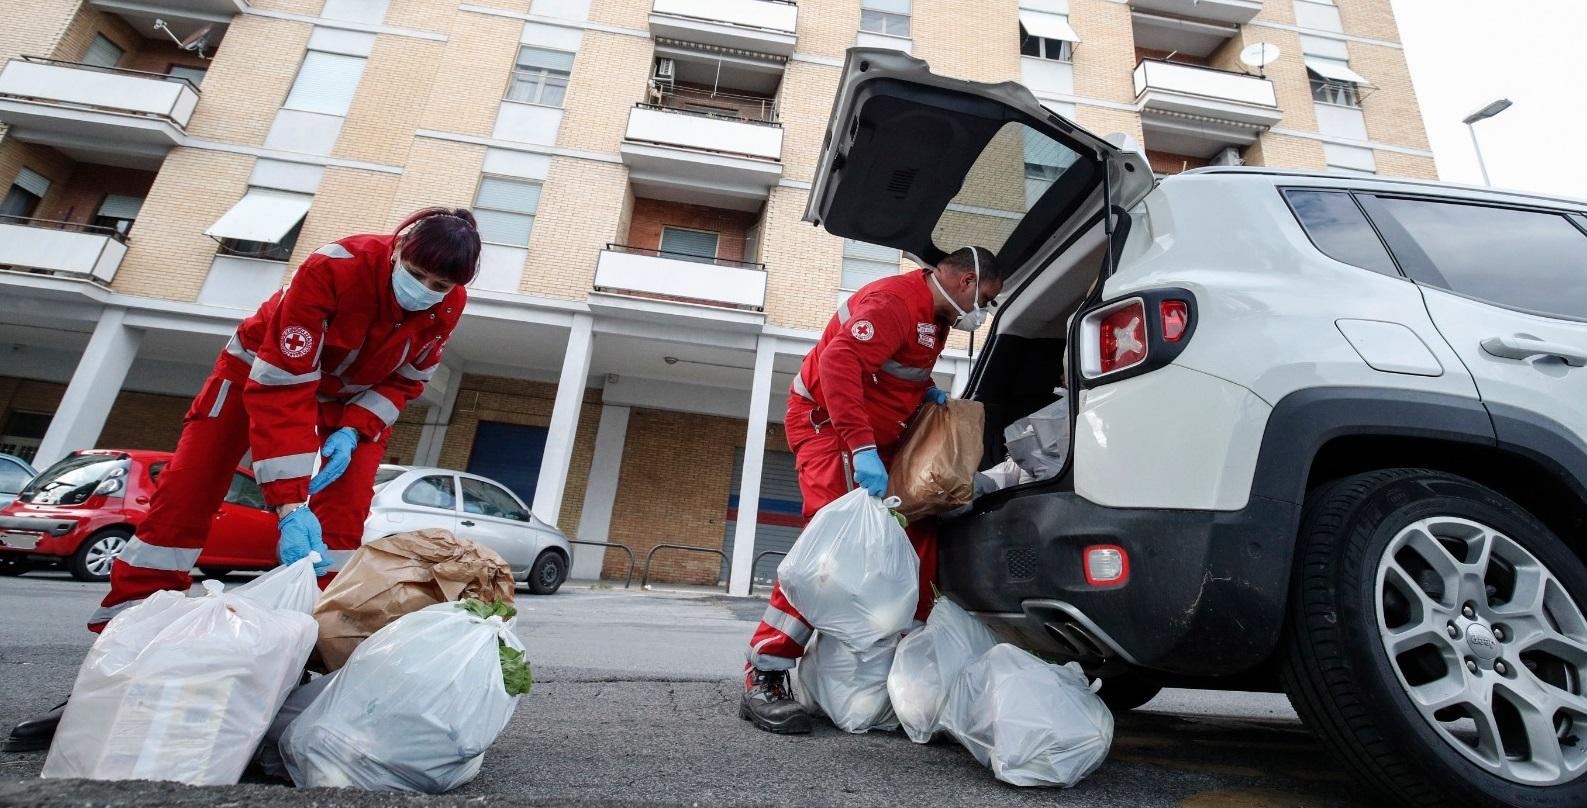 Sempre più poveri a Civitavecchia: triplicate le richieste di aiuto